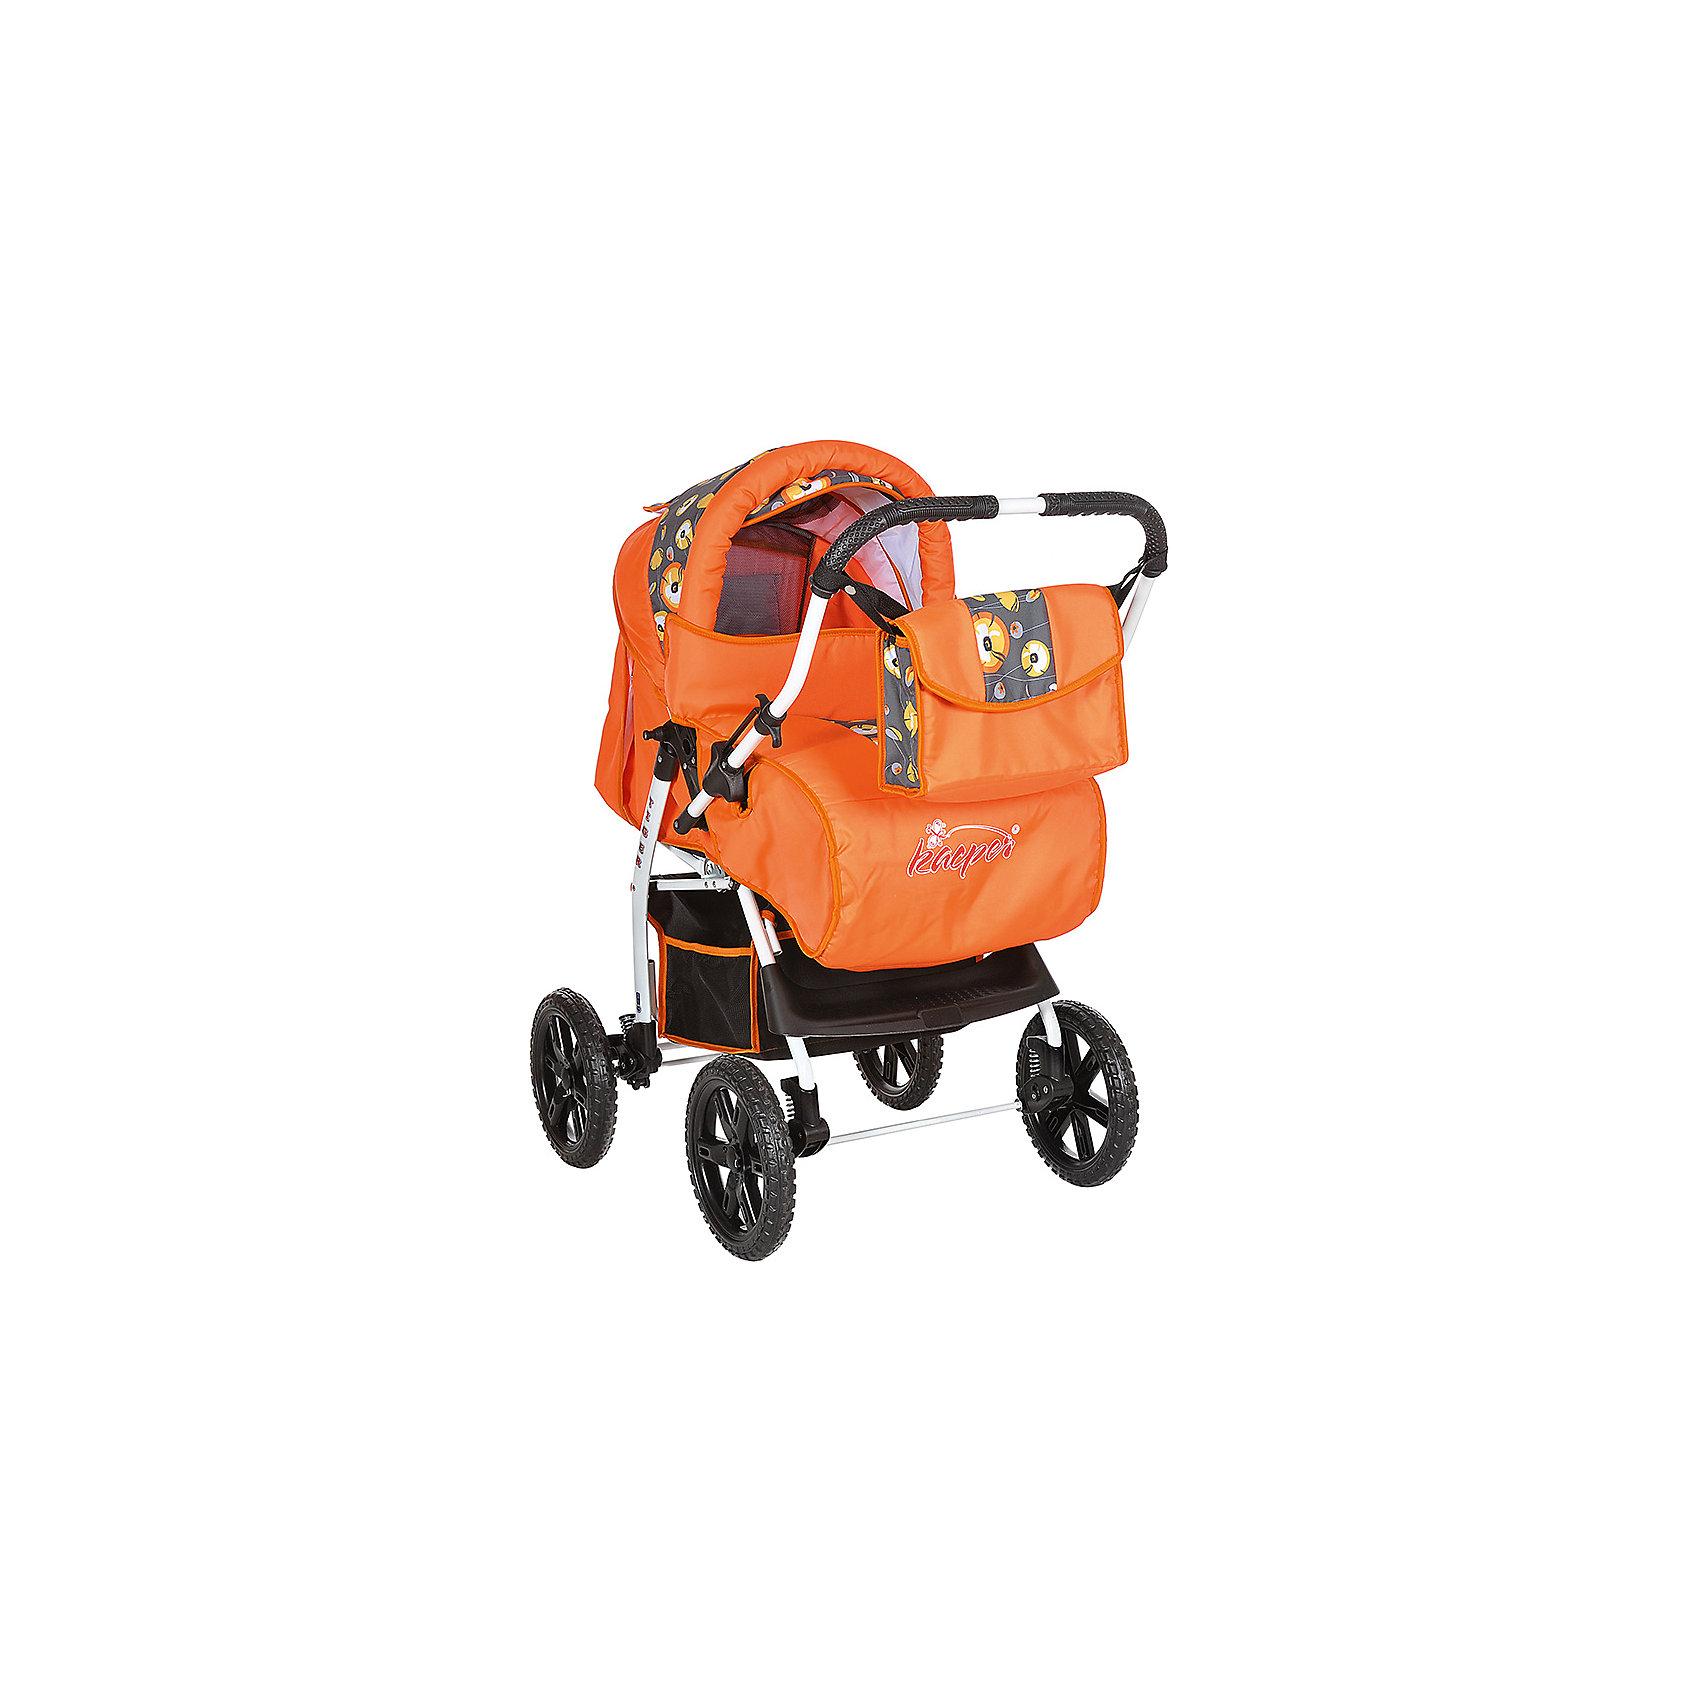 Коляска-трансформер KACPER TIGER МАКИ, оранжевыйКоляски-трансформеры<br>KACPER Коляска TIGER МАКИ оранжевый (колёса иммит,сумка,дожд,)<br><br>Ширина мм: 350<br>Глубина мм: 950<br>Высота мм: 620<br>Вес г: 13000<br>Возраст от месяцев: -2147483648<br>Возраст до месяцев: 2147483647<br>Пол: Унисекс<br>Возраст: Детский<br>SKU: 5500233